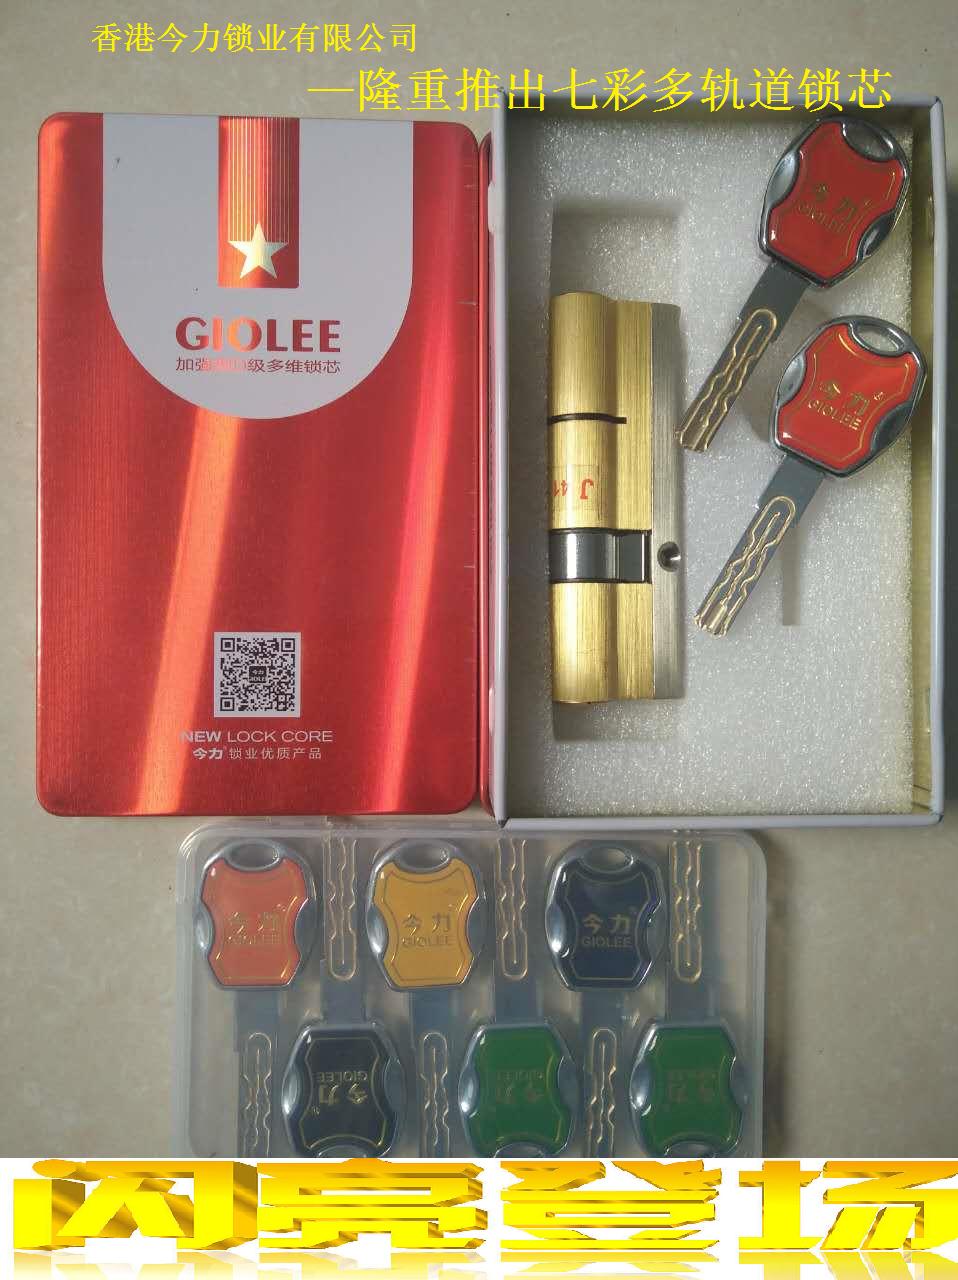 来自李水清发布的商务合作信息: 我公司是一家专业生产防盗门锁具的... - 香港今力锁业有限公司